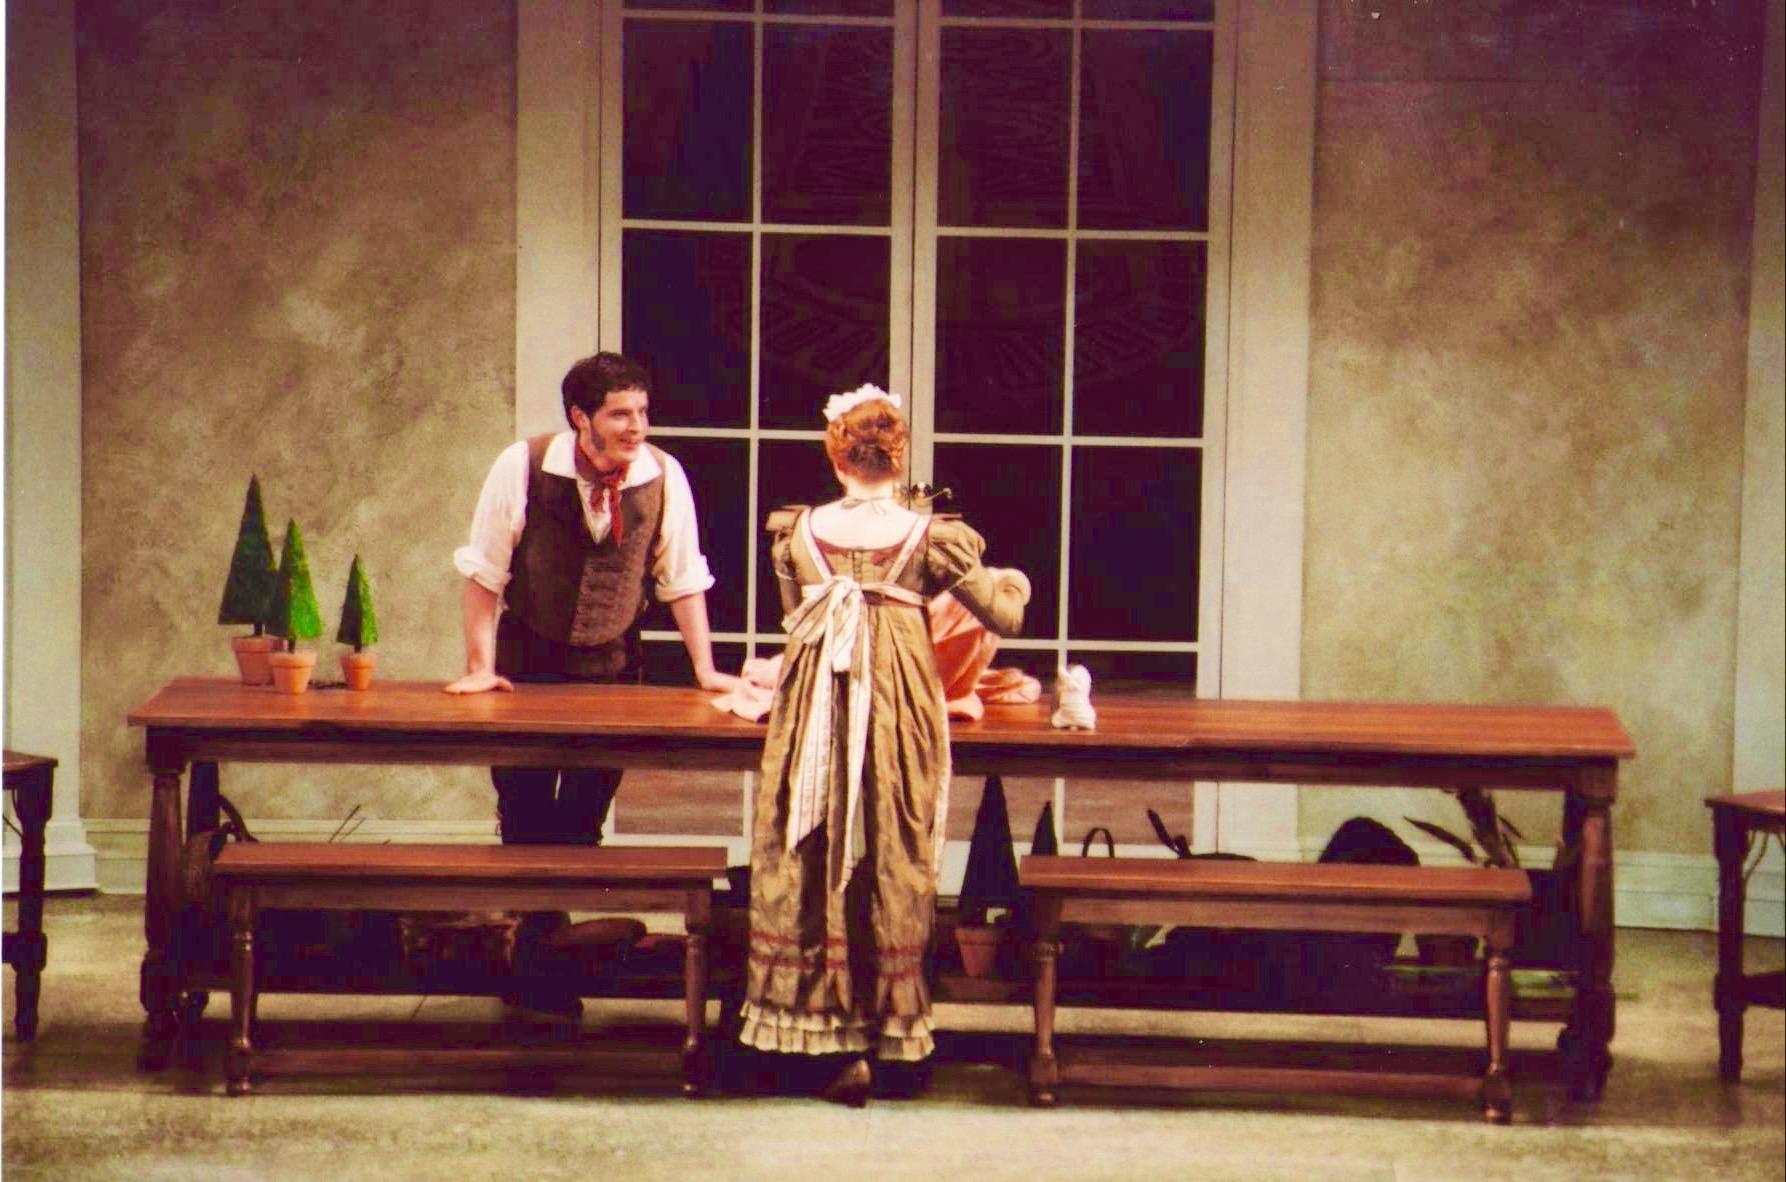 With Ariana Wyatt in Juilliard Opera Center production of <i>La Finta Giardiniera</i>; photo by Jay Lesenger